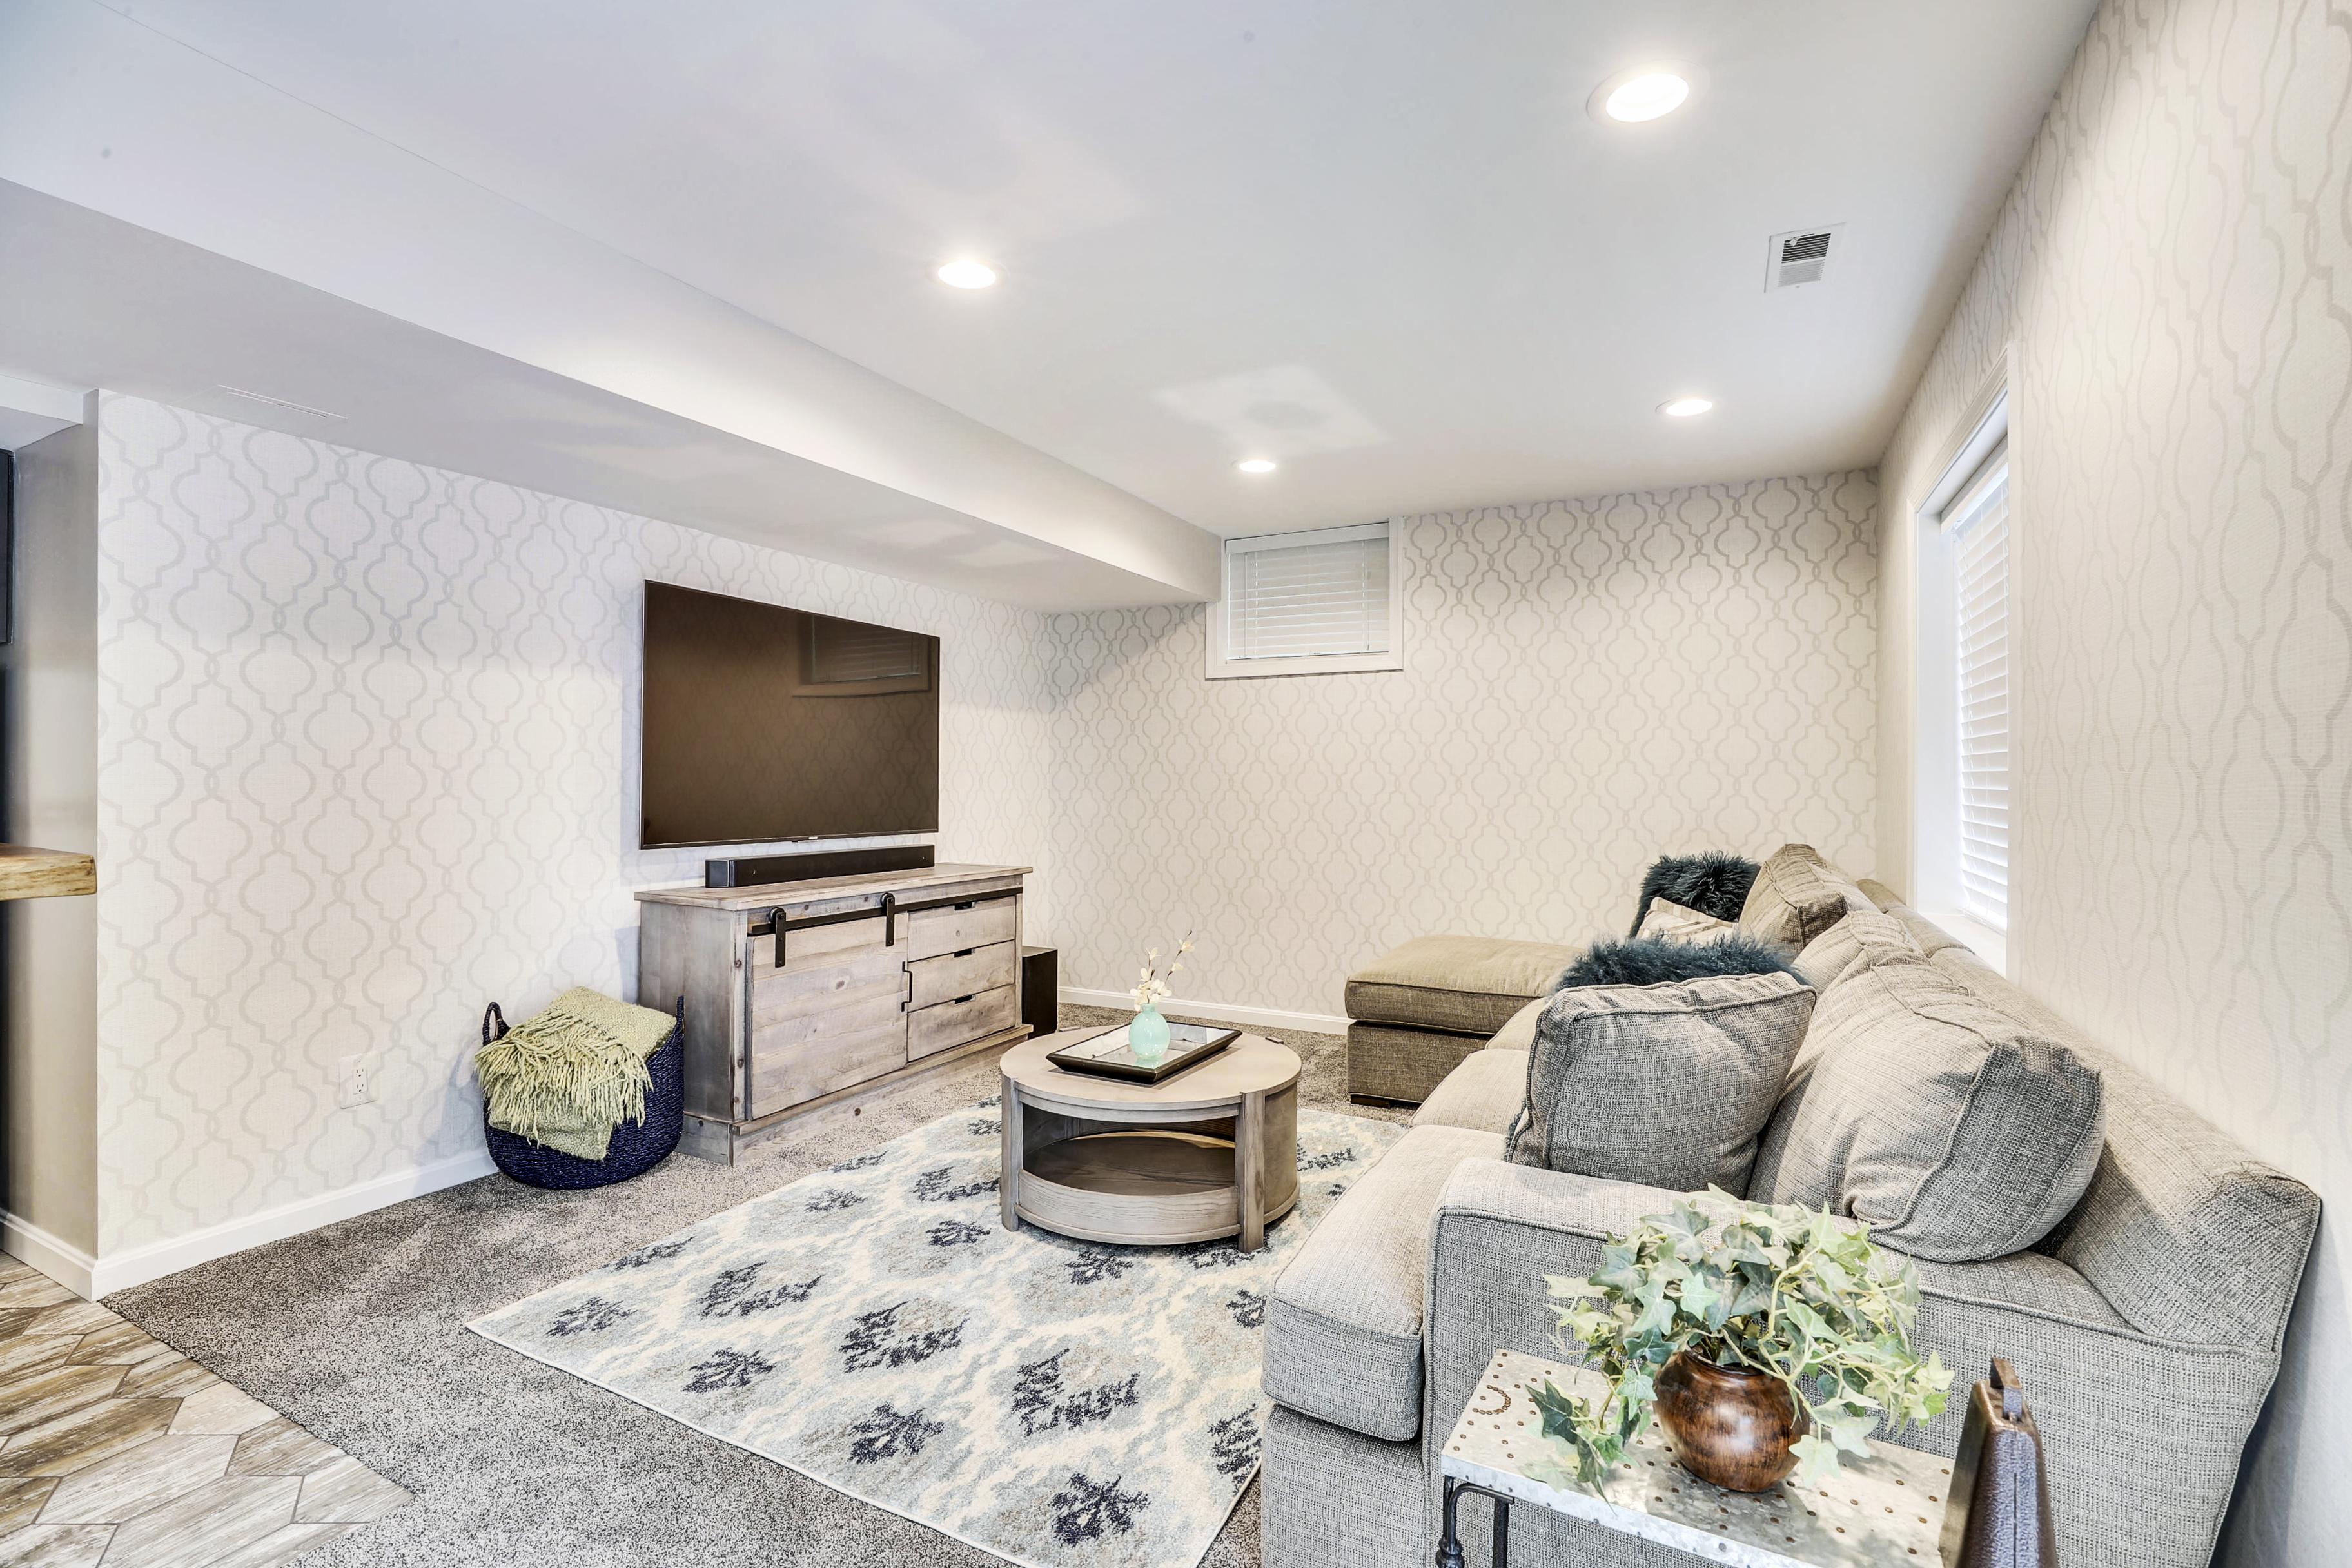 Interior-Sitting Area-12I6807